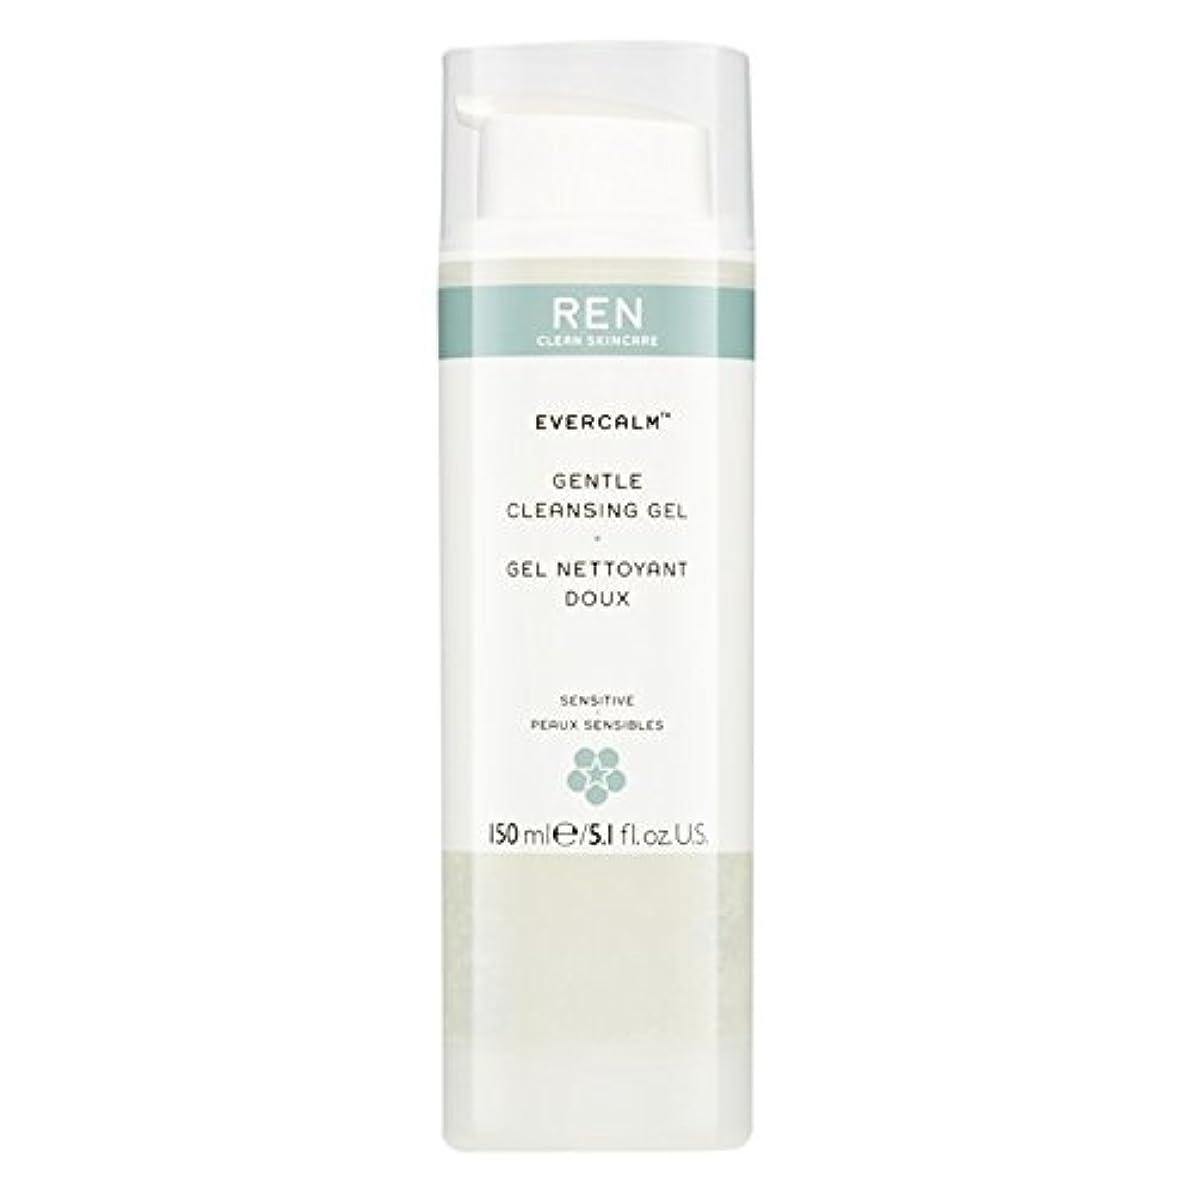 悲鳴右請求Ren Evercalm優しいクレンジングジェル、150ミリリットル (REN) (x6) - REN Evercalm Gentle Cleansing Gel, 150ml (Pack of 6) [並行輸入品]